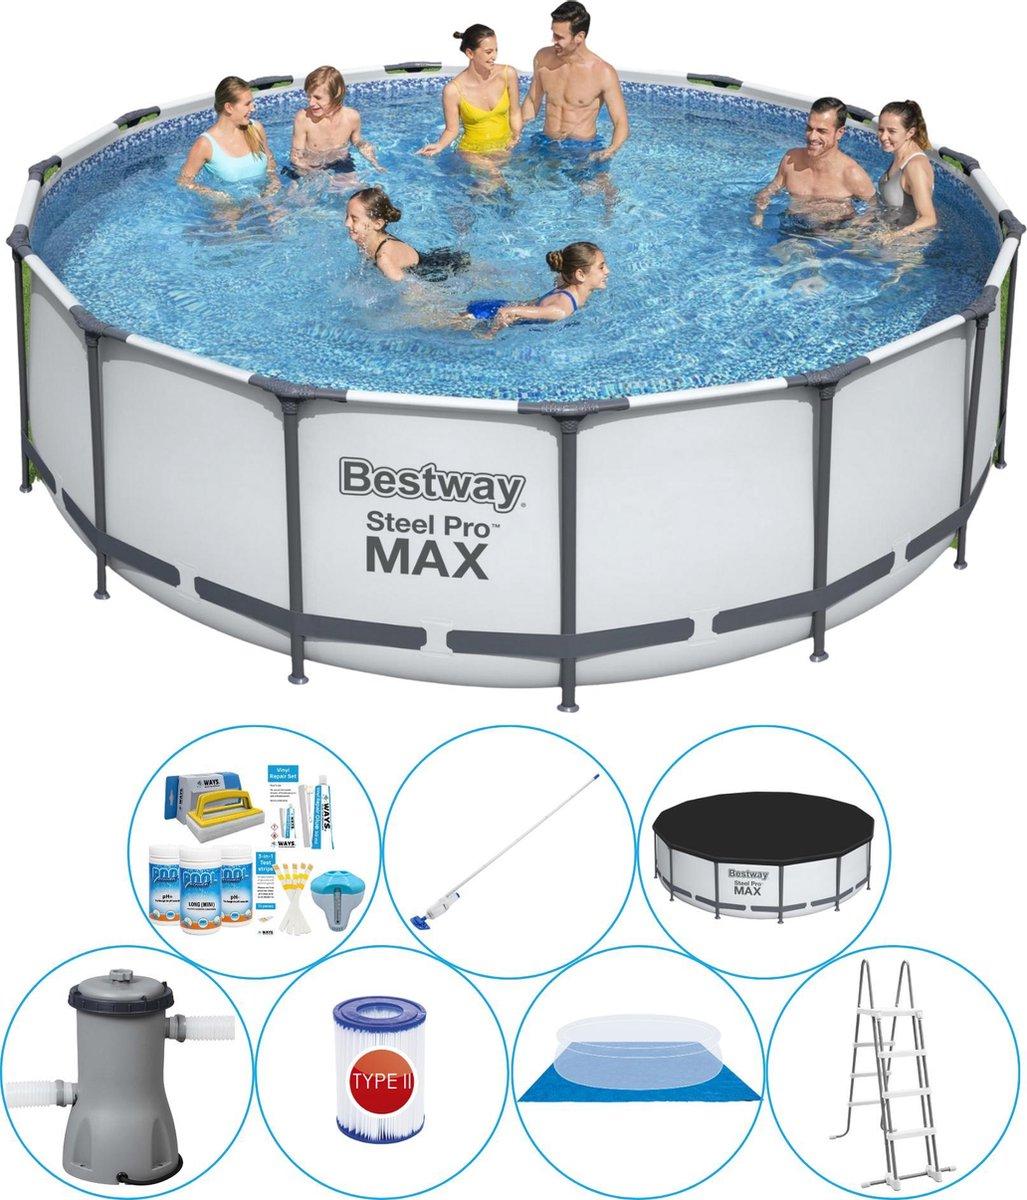 Bestway Steel Pro MAX Rond 457x122 cm - Zwembad Super Deal